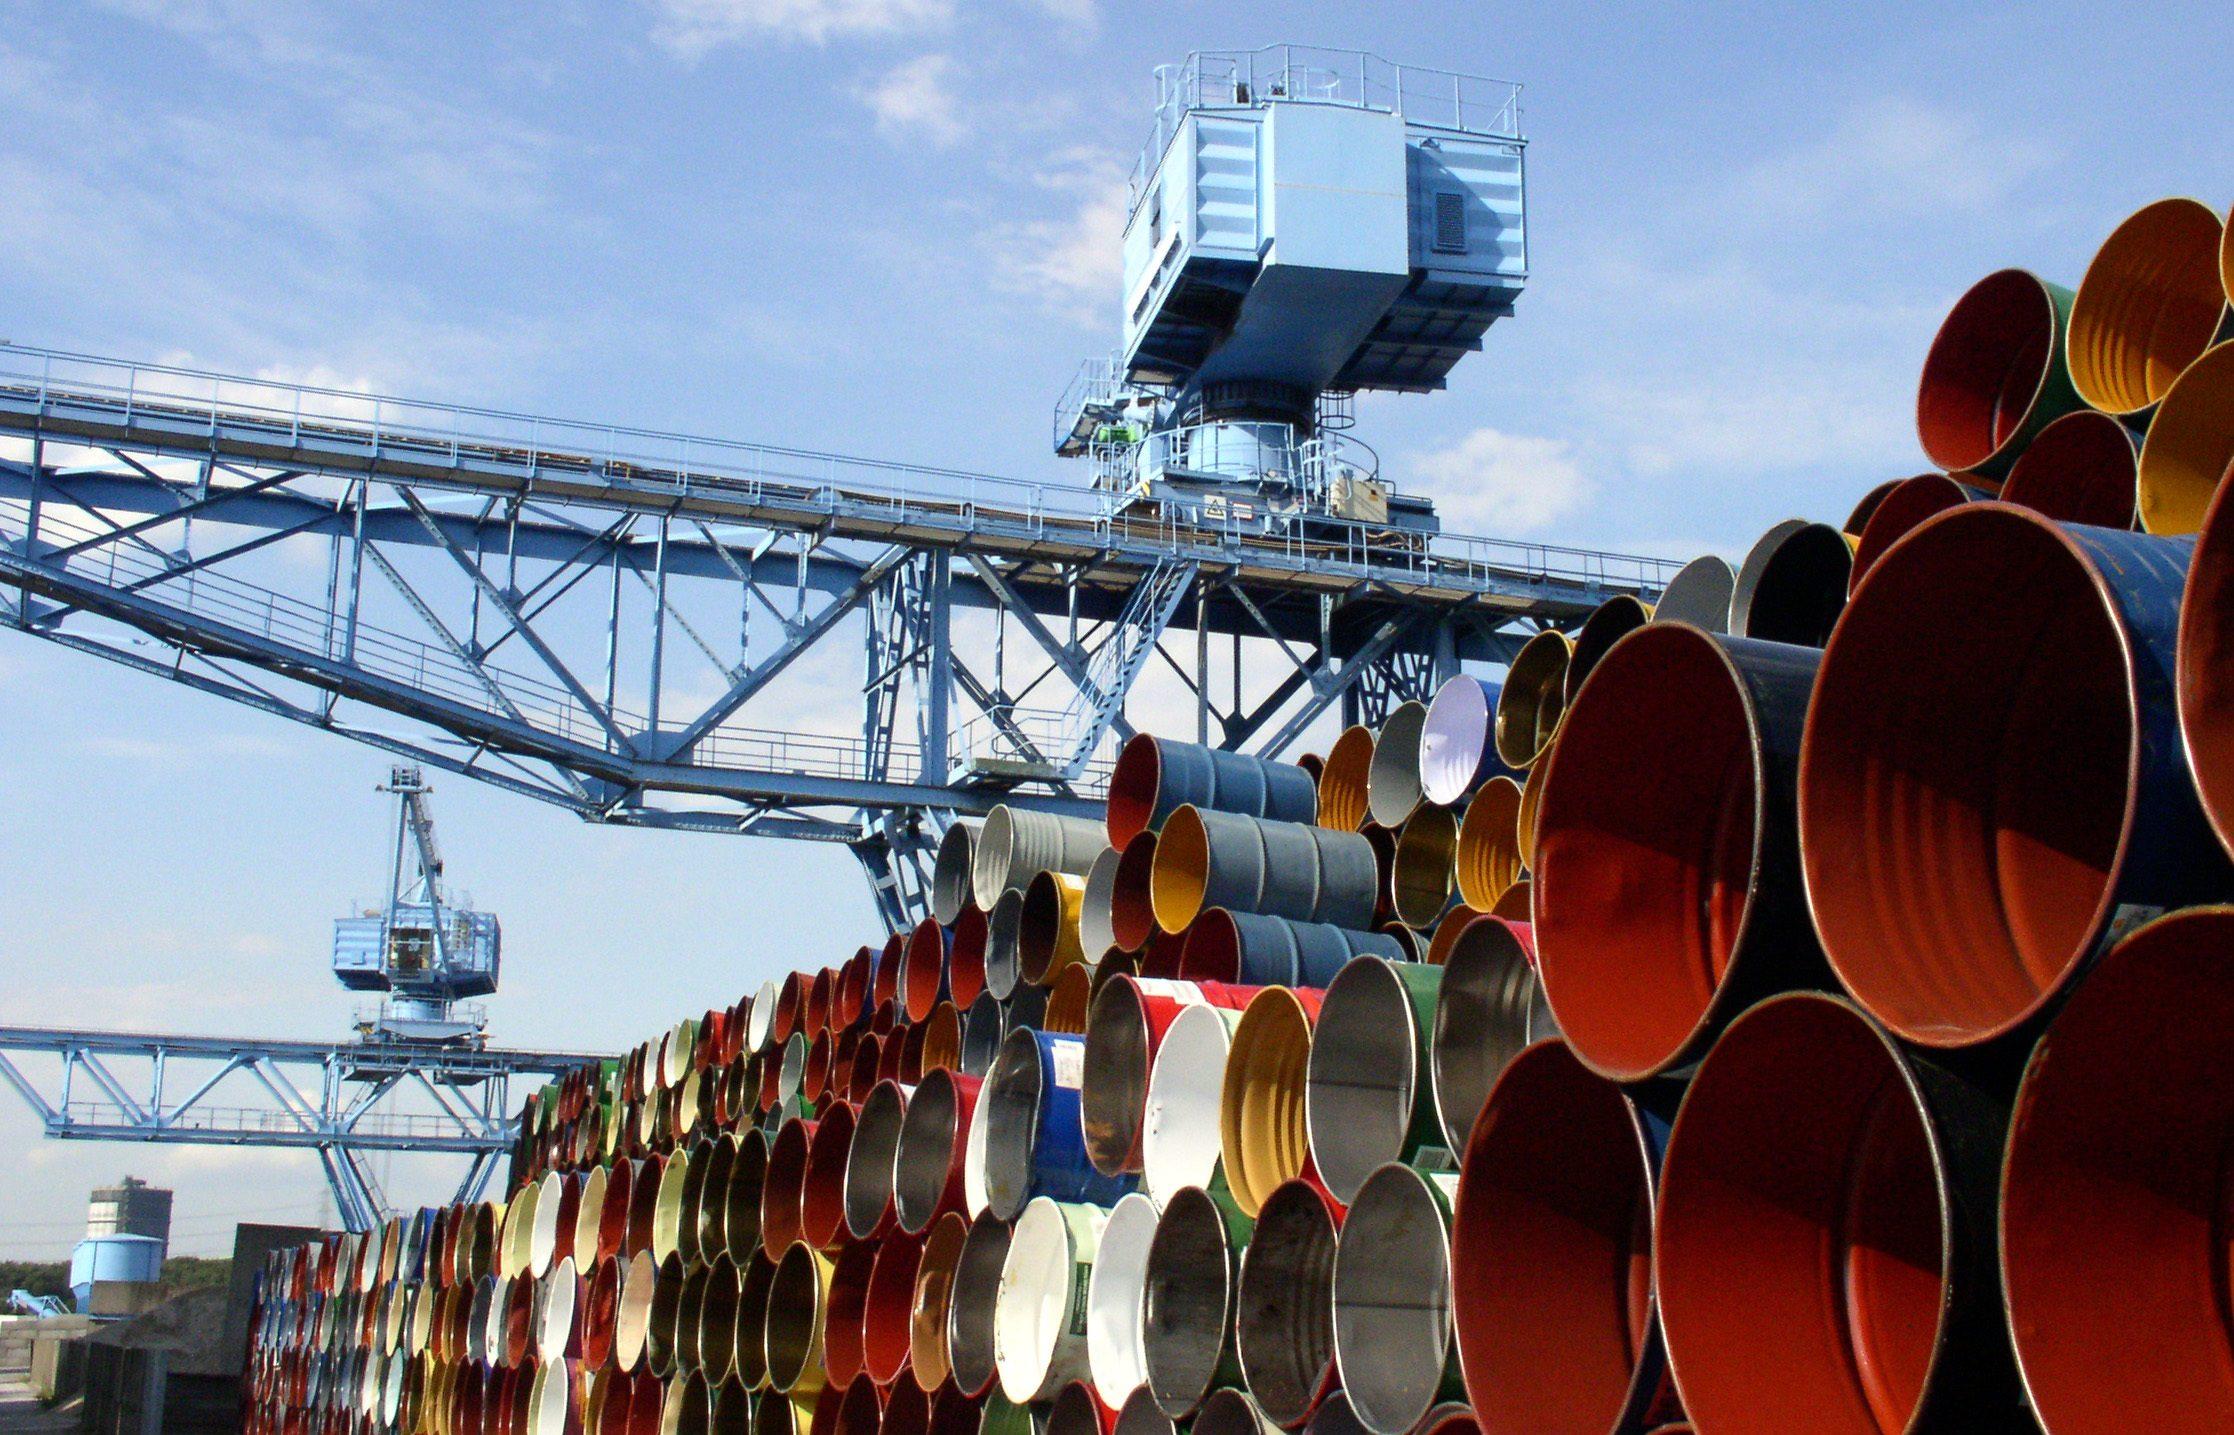 Producción petrolera se recuperará para finales de septiembre, estima gobierno saudí, petróleo, mezcla mexicana, crudo